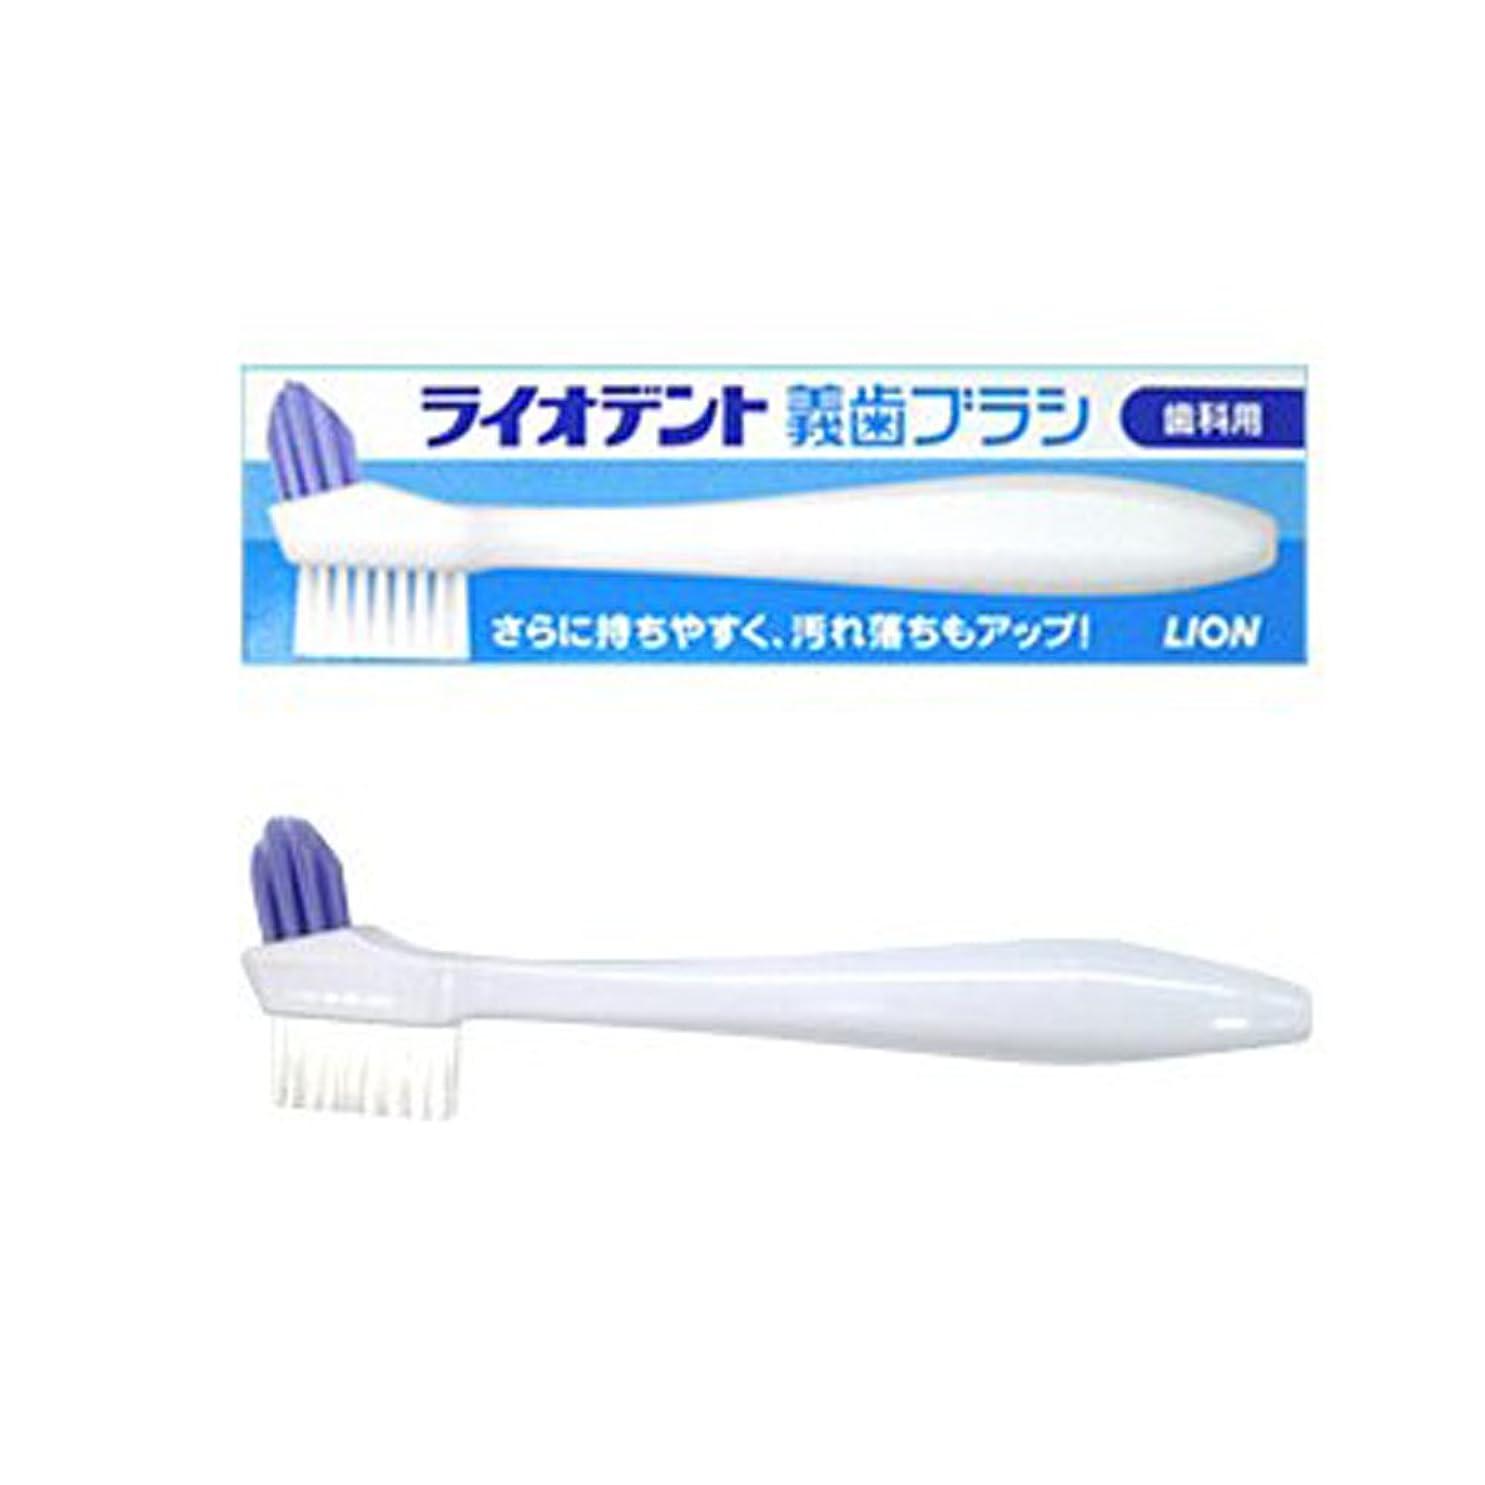 悪意めんどり側溝ライオデント義歯ブラシ 1本